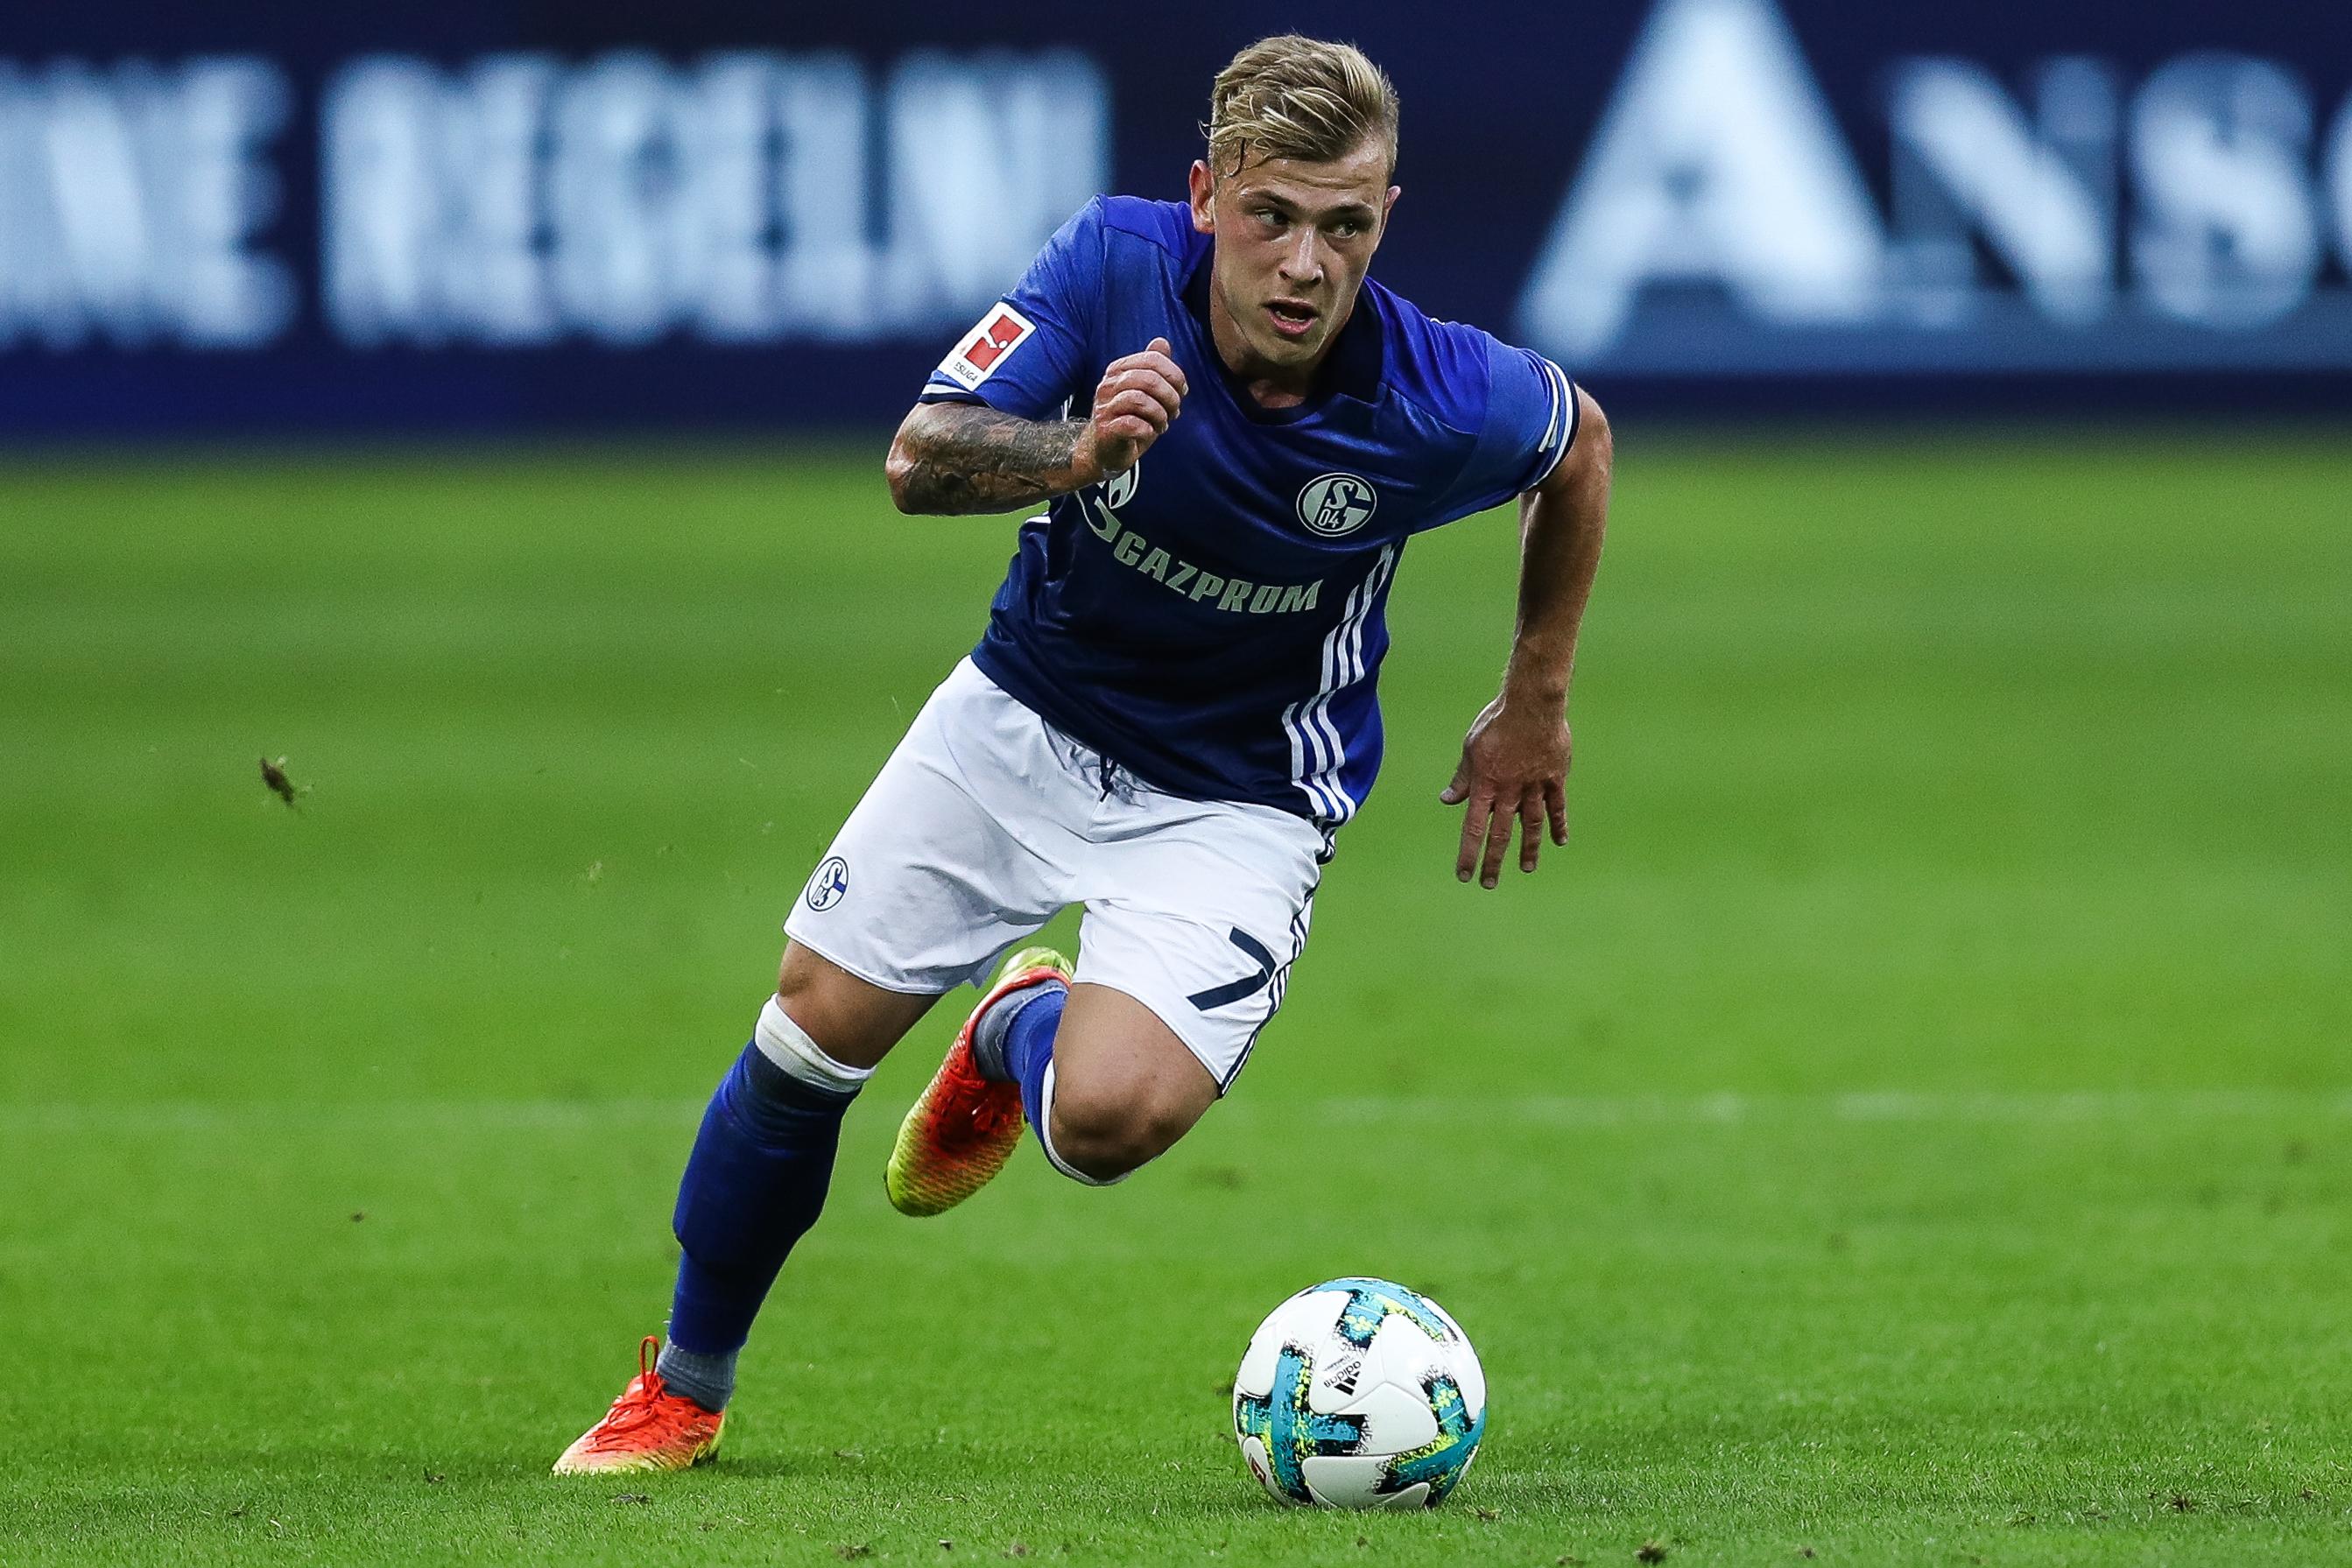 Schalke: Neues Angebot für Meyer